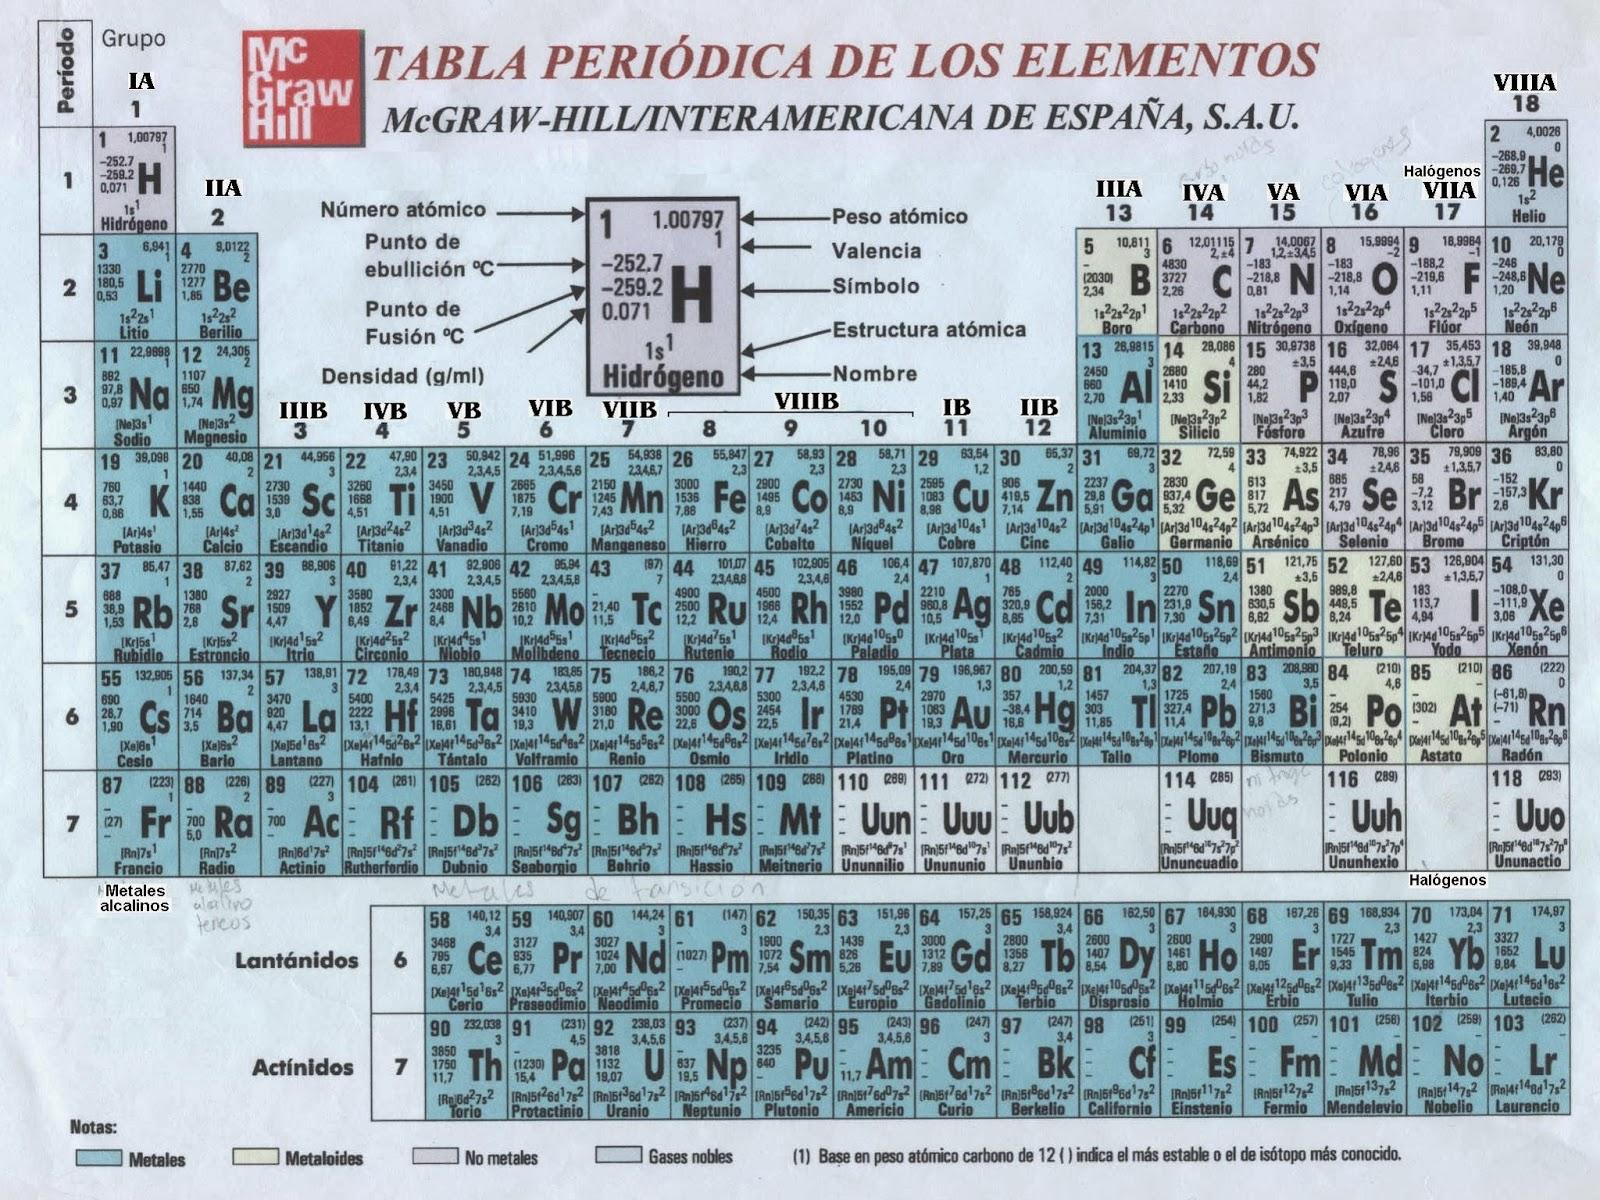 Qumica tabla peridica con informacin adicional incluyo adems un link con mucha informacin valiosa sobre la tabla peridica httpclasesdquimicawordpresstabla periodica de los elementos urtaz Choice Image